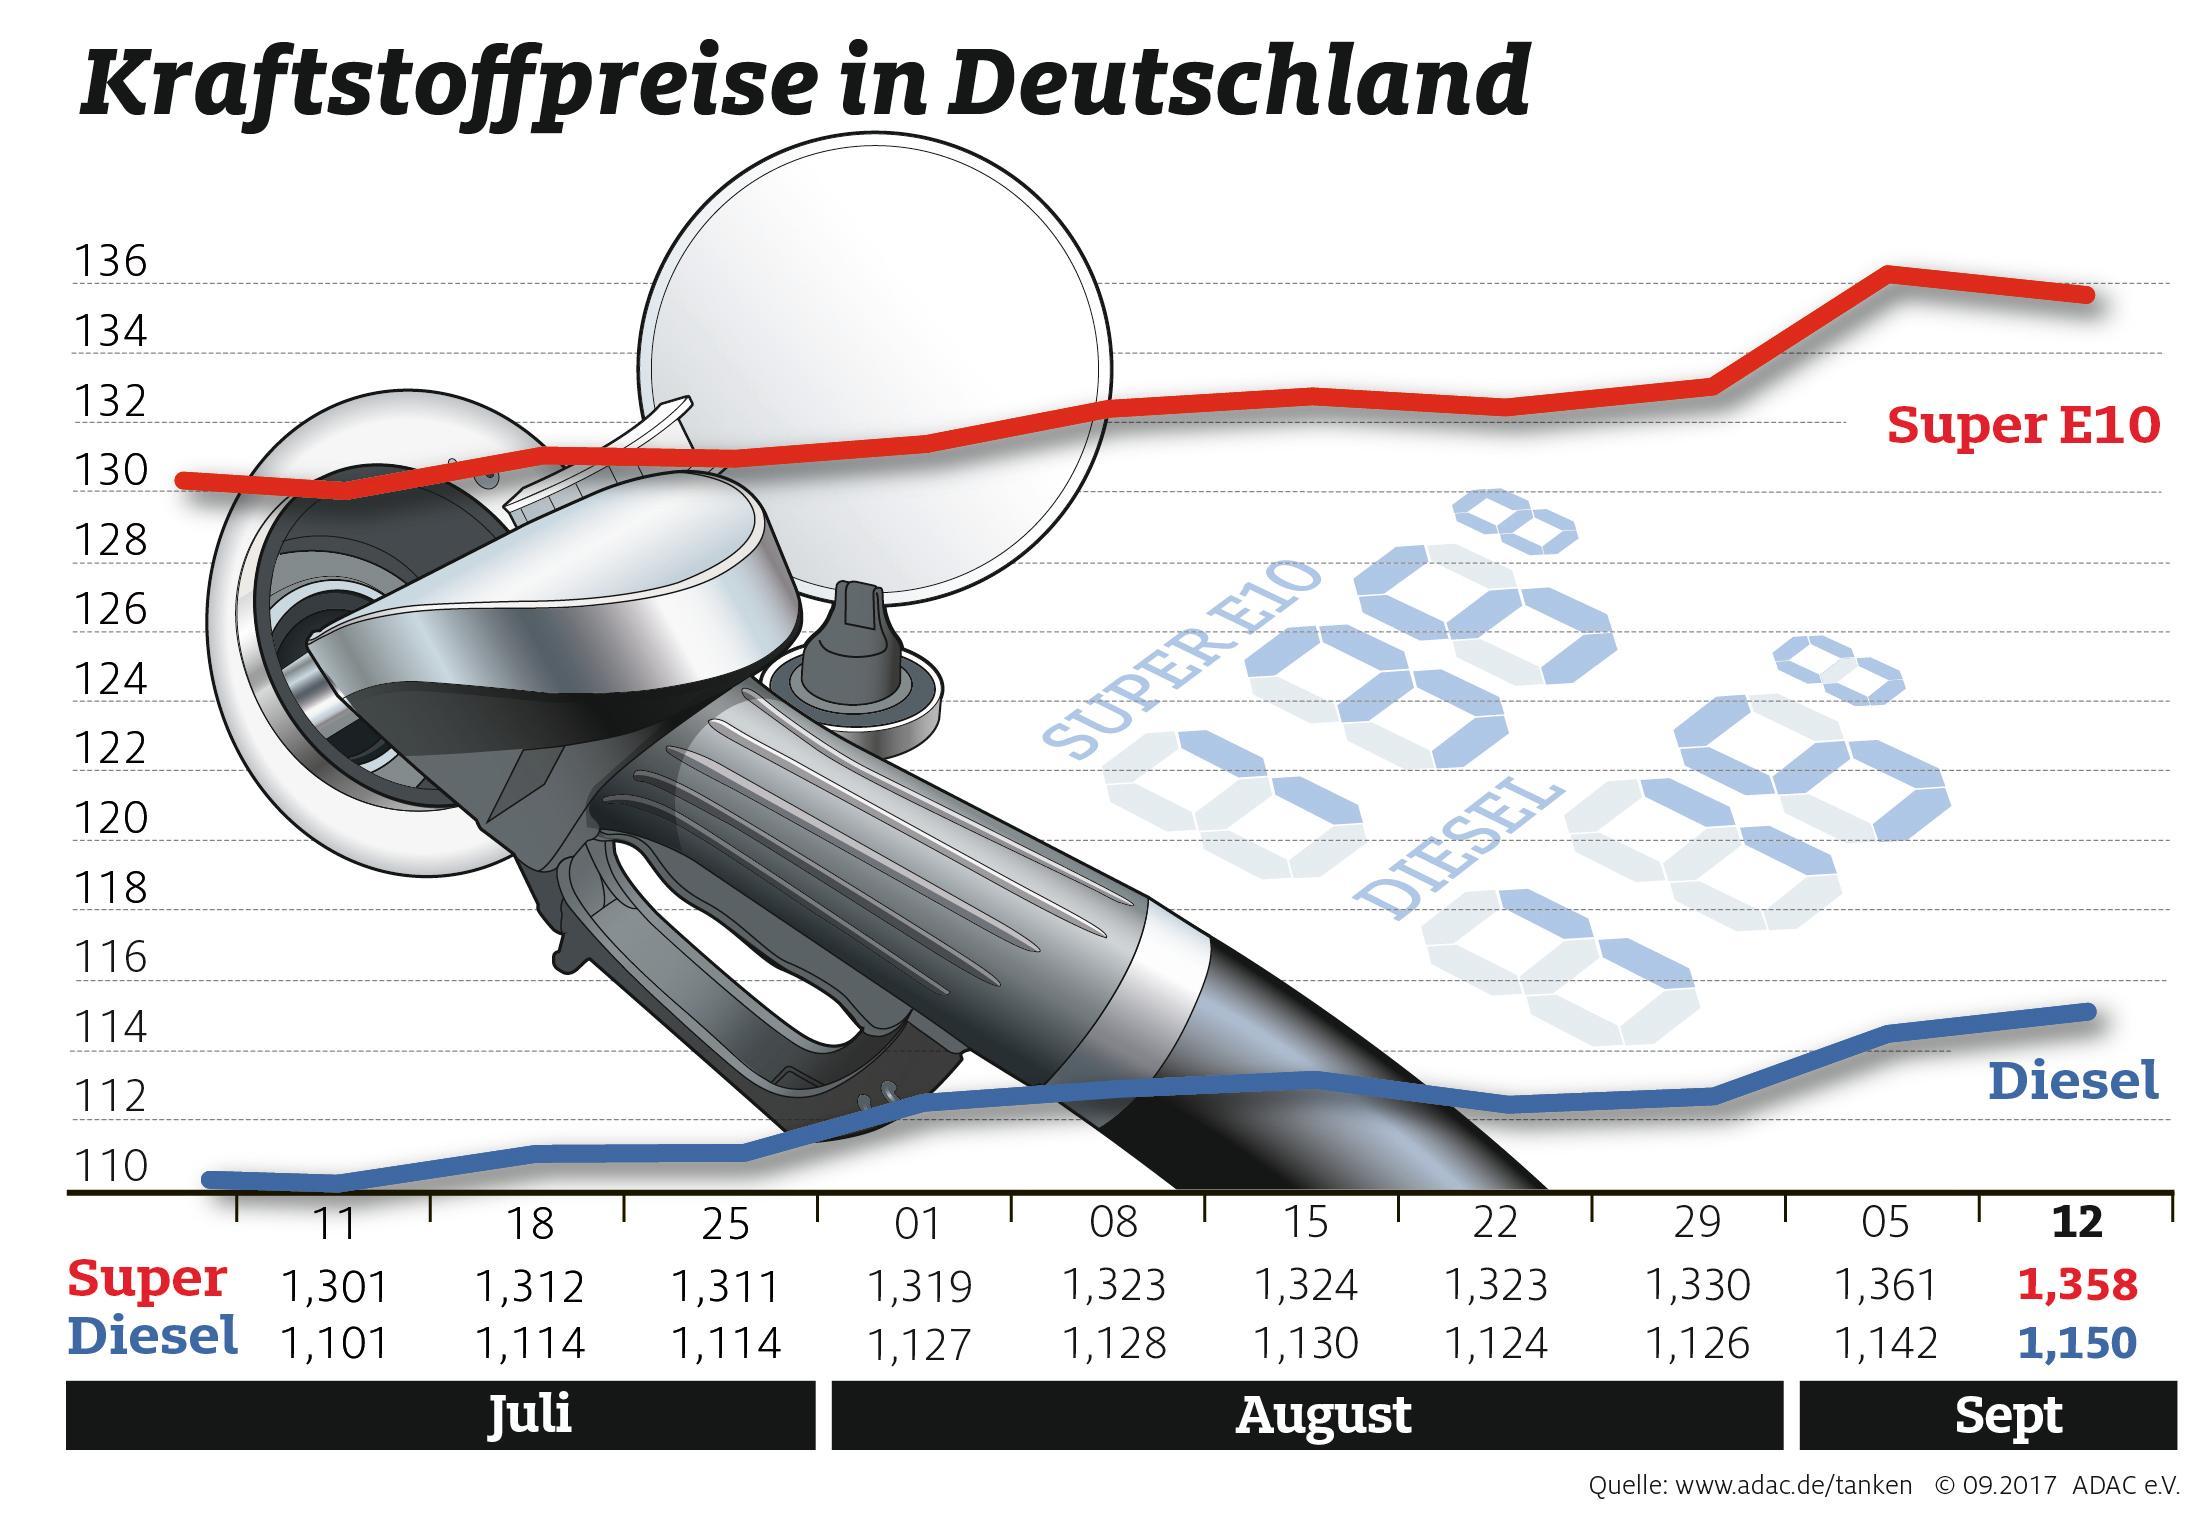 Deshalb steigt der Preis von Benzin und Heizöl stark an. Erstmals seit drei Jahren kostet der Liter Superbenzin E10 an den Tankstellen mehr als 1,40 Euro, für einen Liter Diesel muss man im Bundesdurchschnitt 1,26 Euro zahlen.